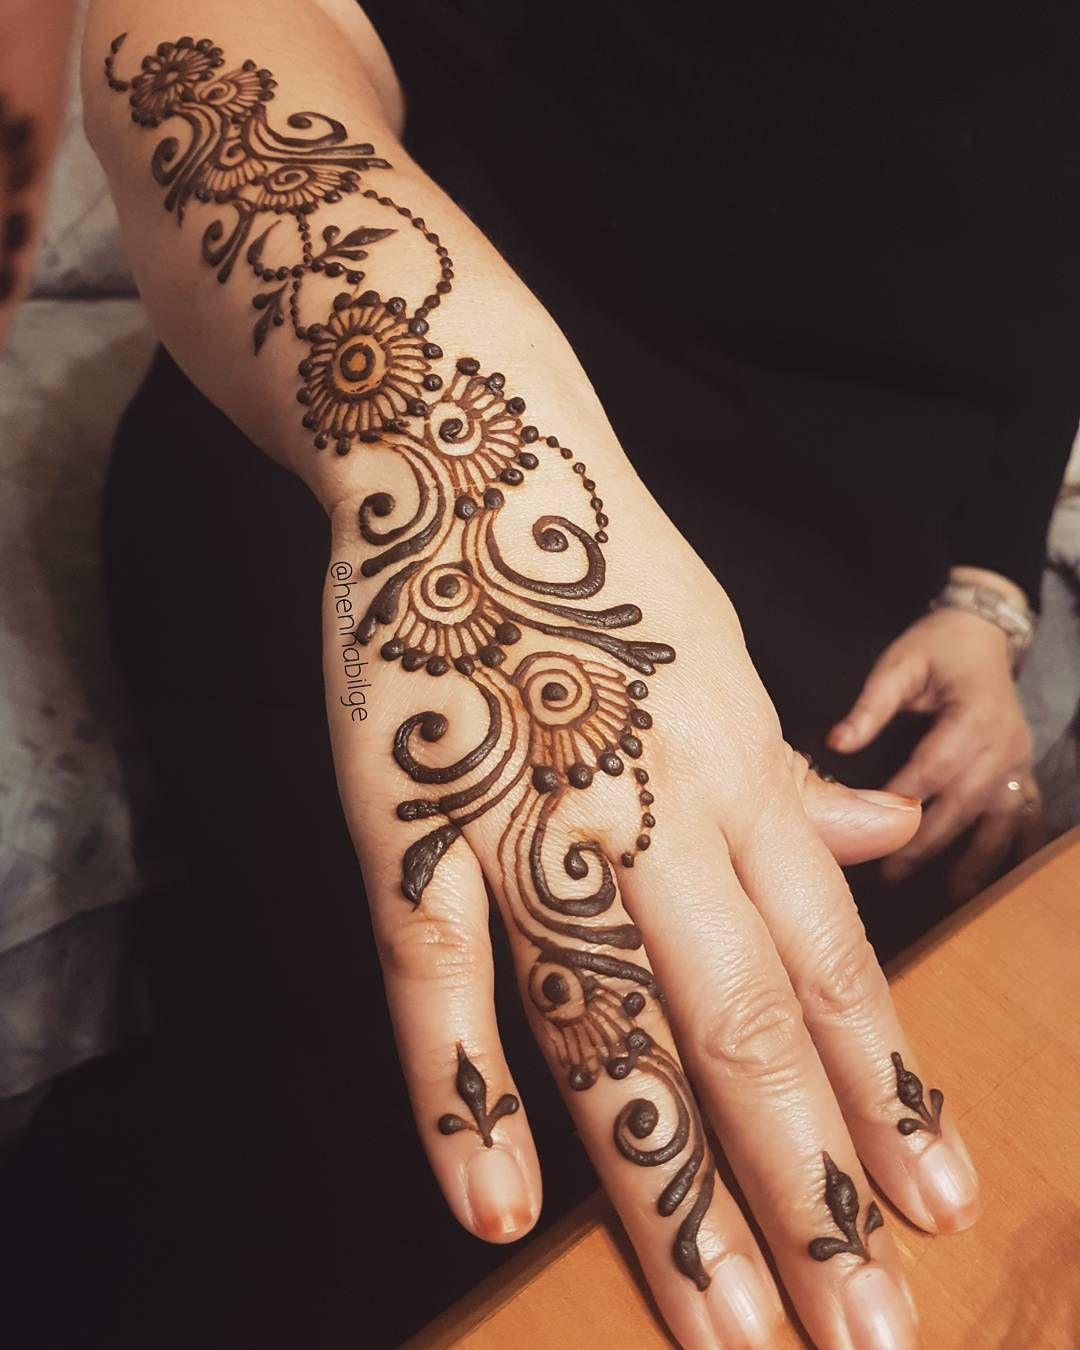 Super Fast Henna For Teyzecik Henna Mehndi Hintkinasi Mannheim Hennapaste Hennastripe Henne Freestyle Doodle Henna Hand Henna Henna Patterns